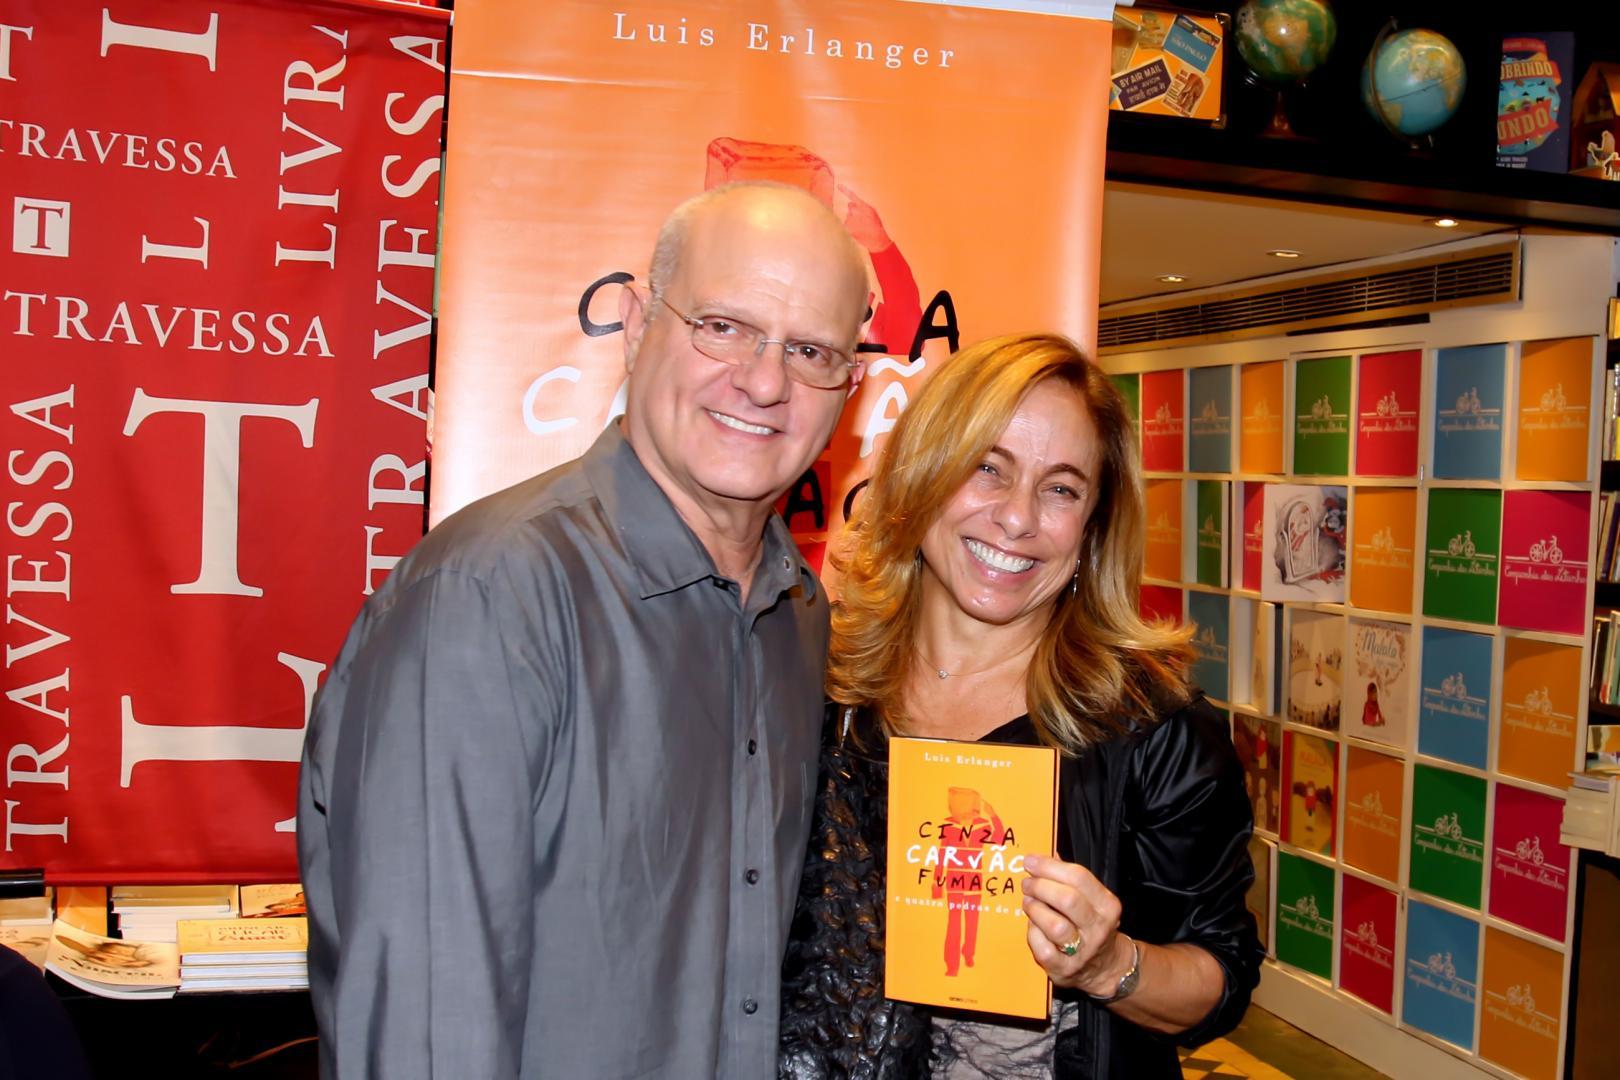 Famosos prestigiam lançamento do novo romance de Luis Erlanger